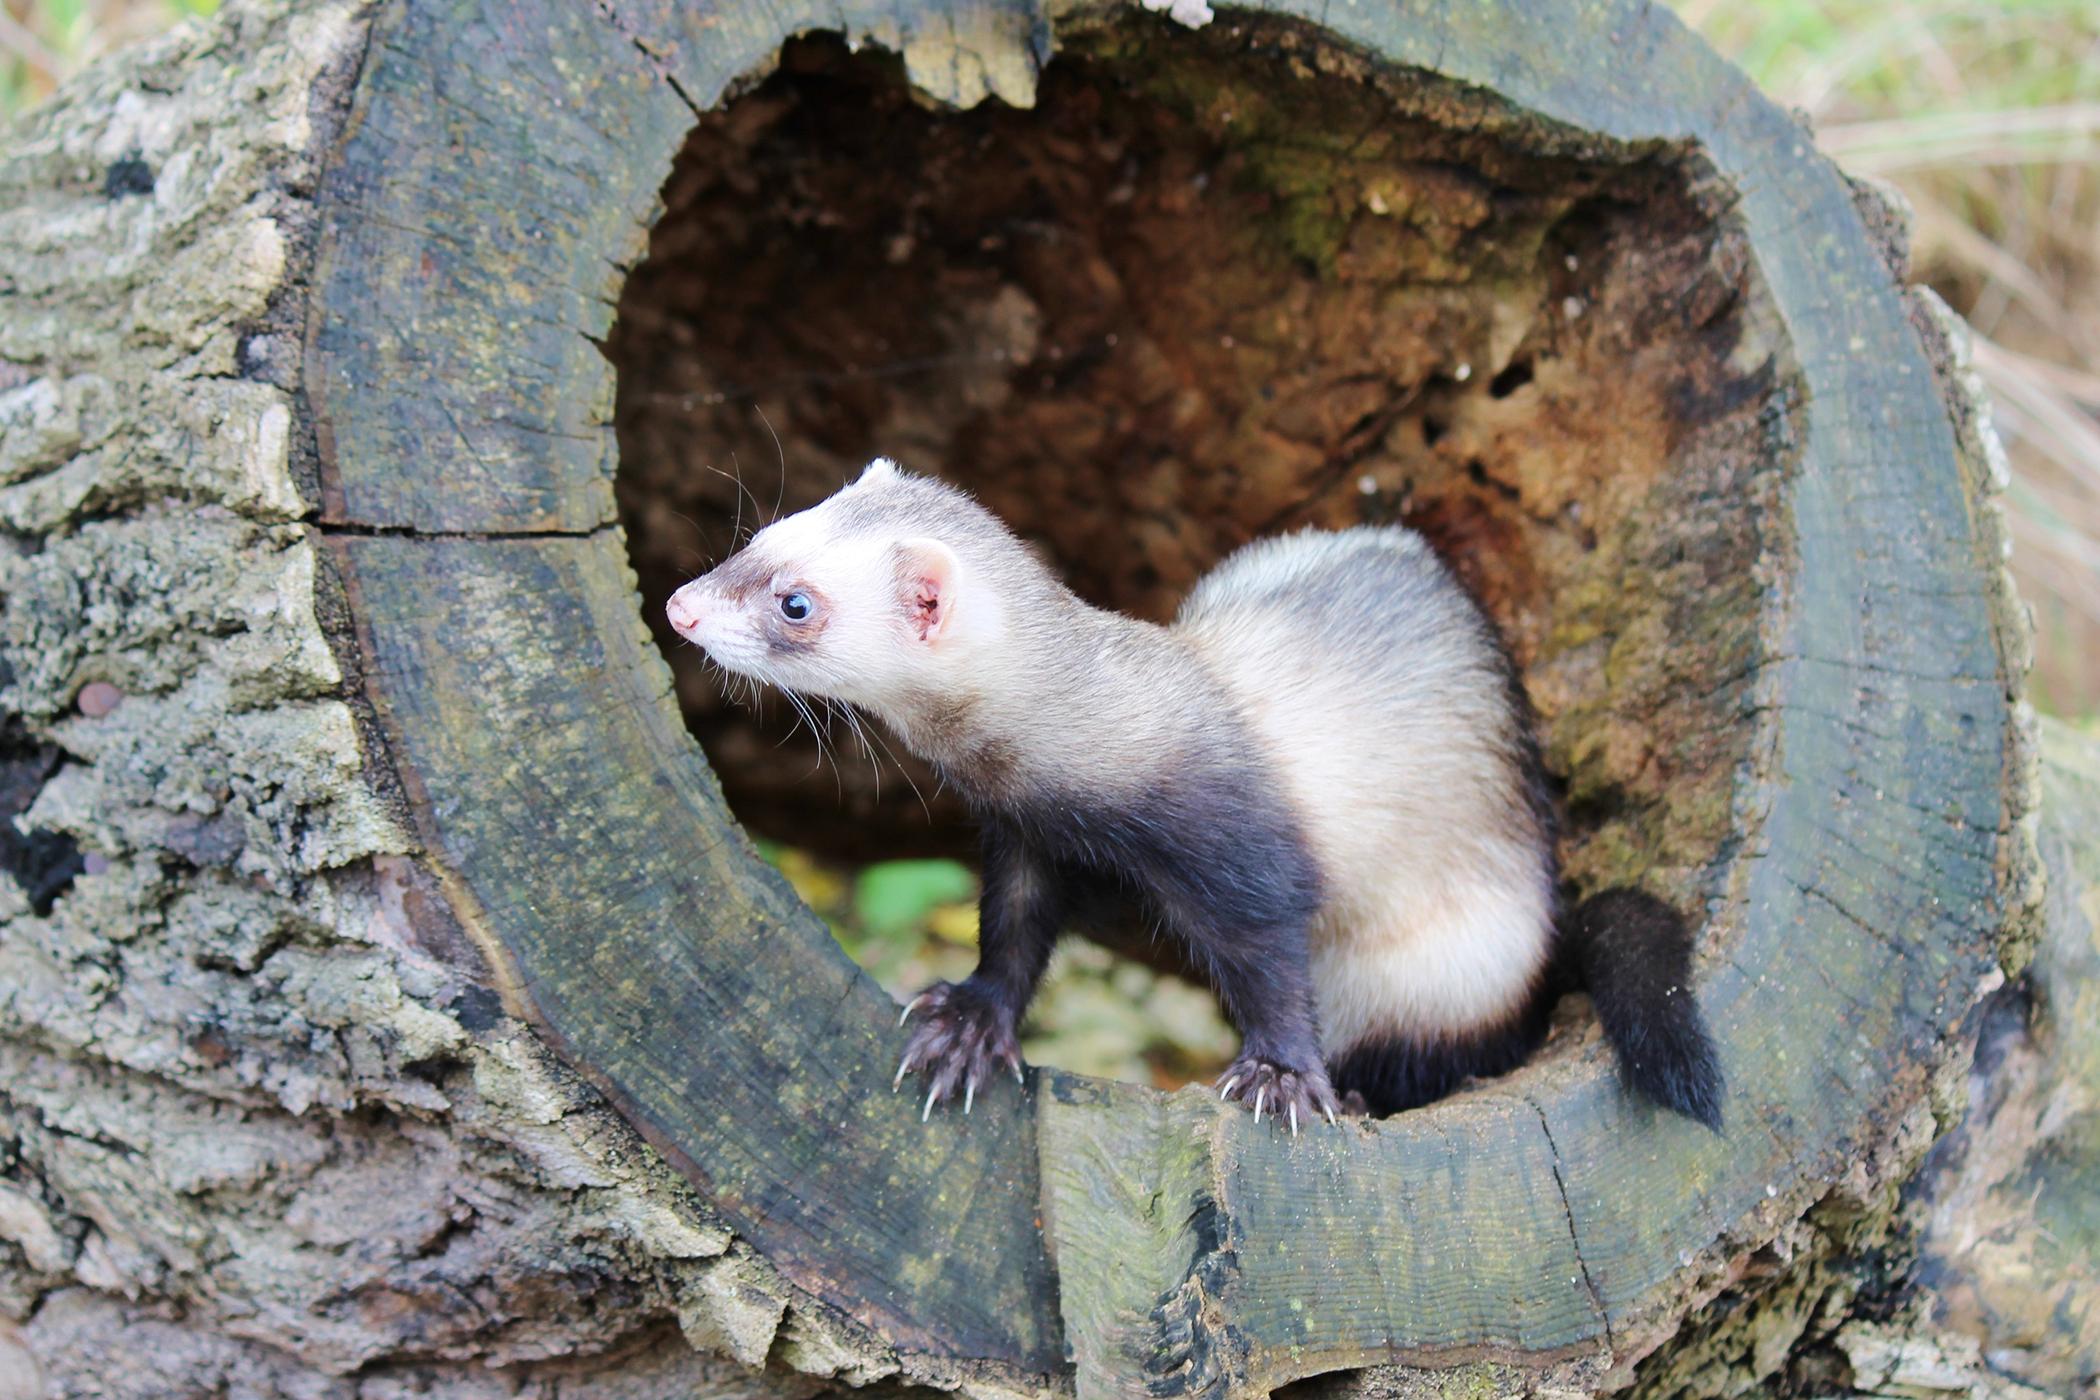 Renal Disease in Ferrets